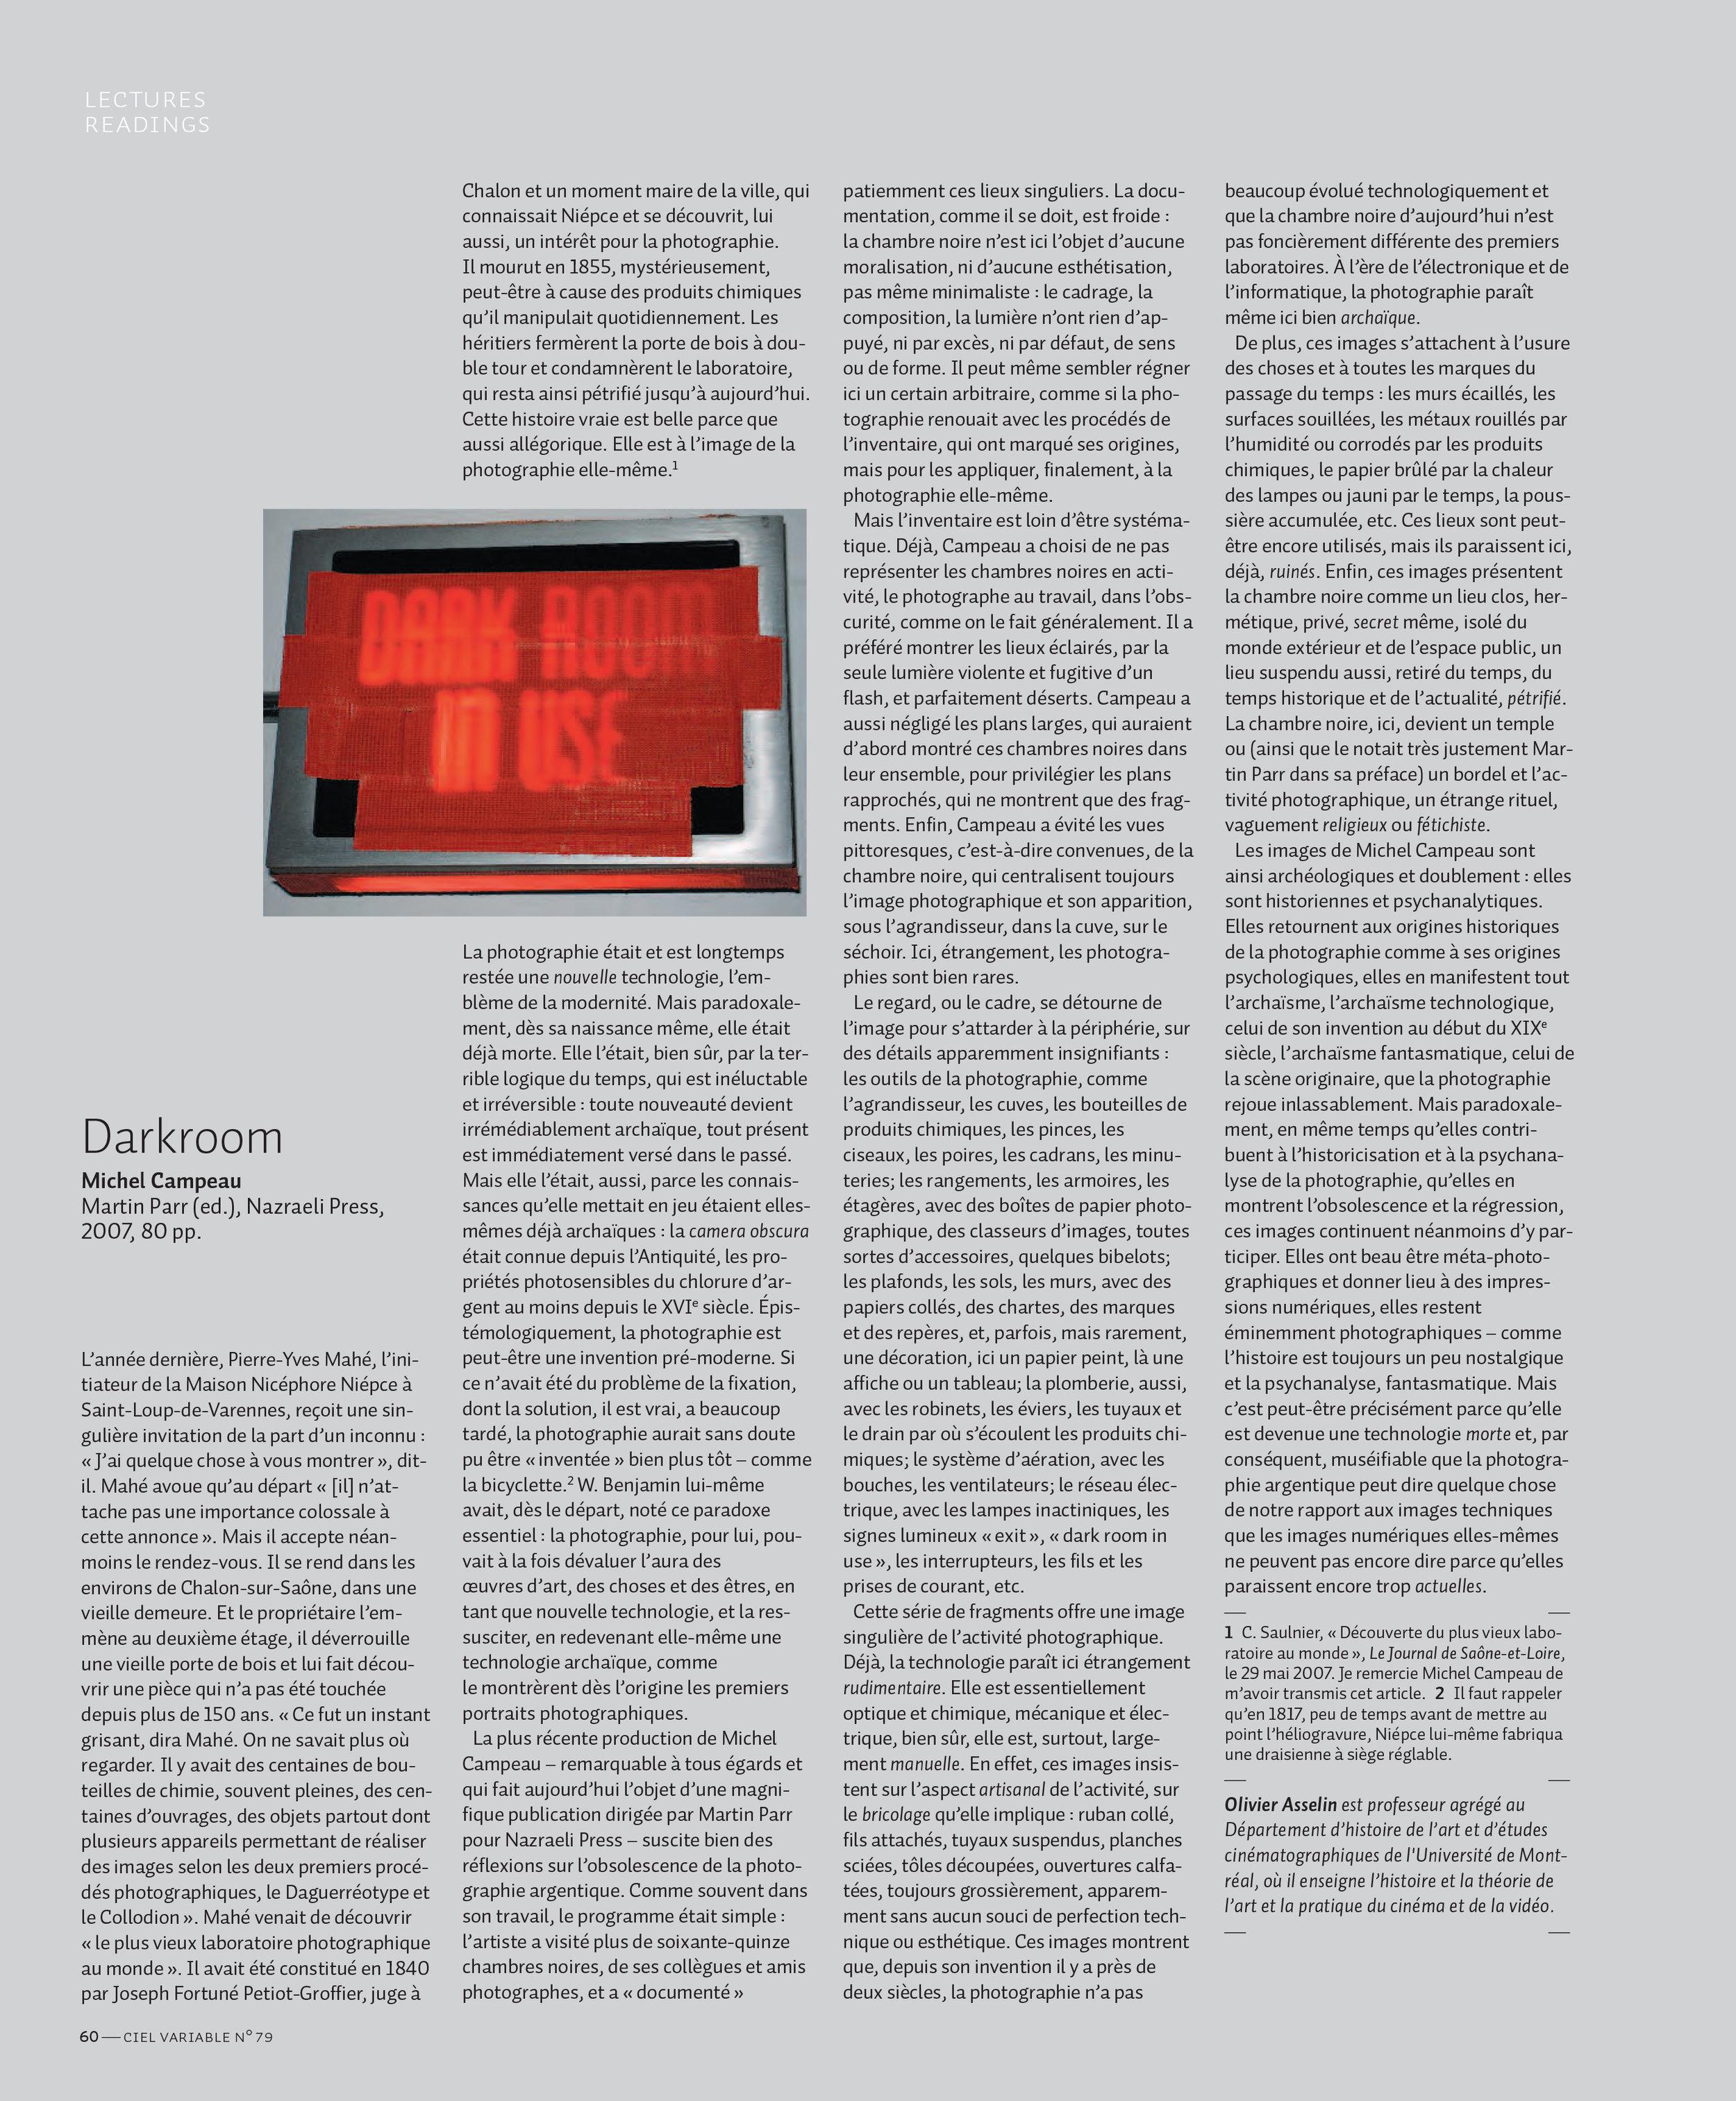 Olivier Asselin,  Darkroom : Michel Campeau,  CV 79, Montréal, été 2008, p.60